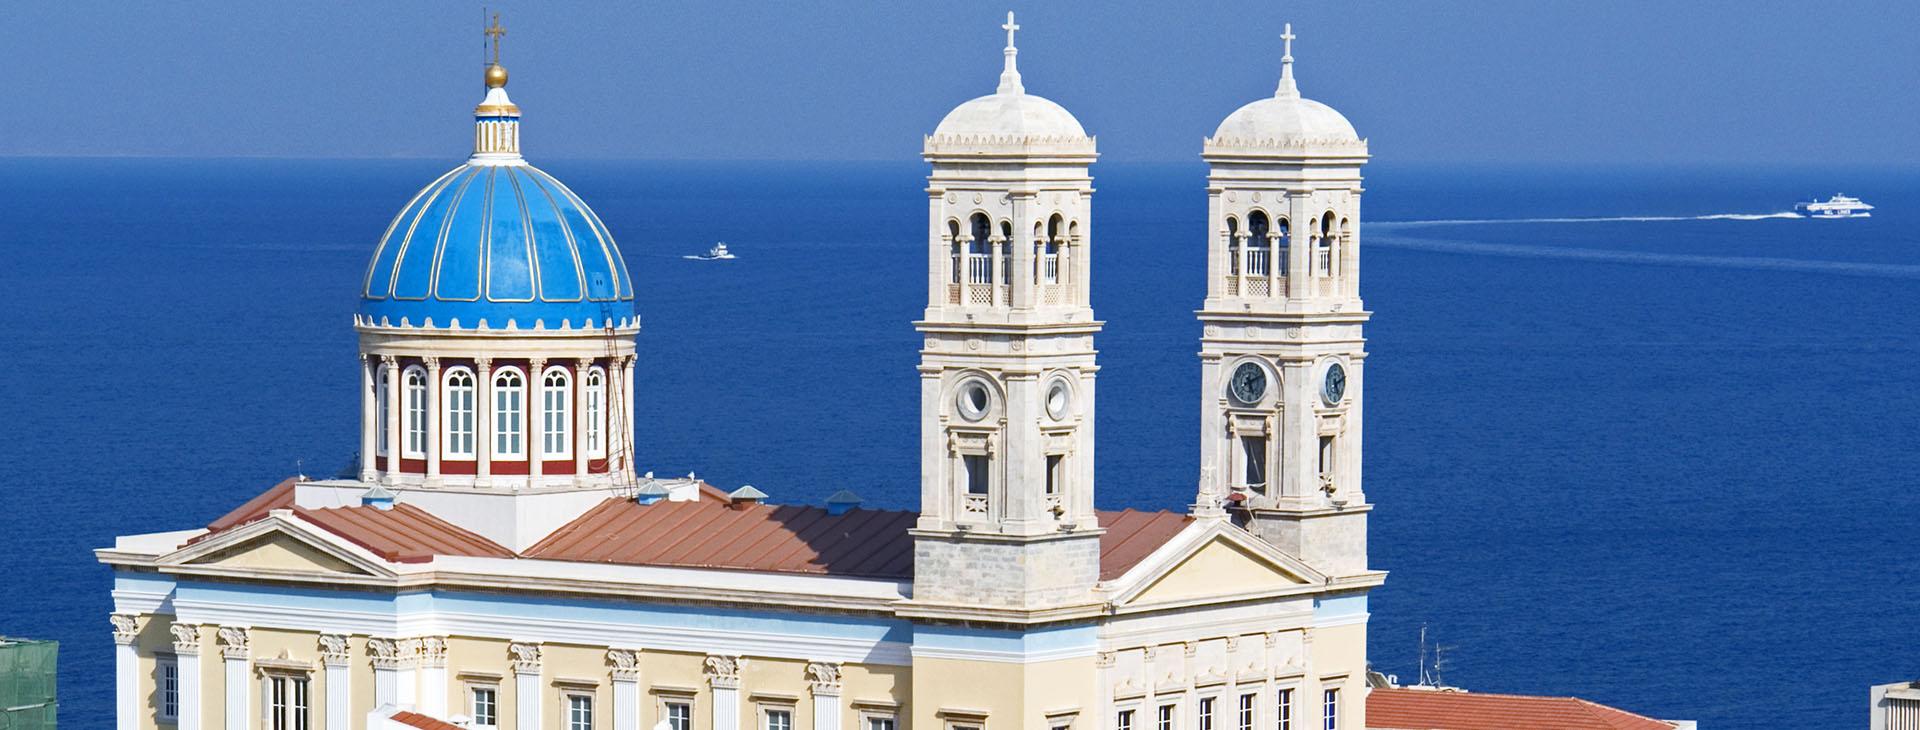 Agios Nikolaos, landmark of the island, Ermoupolis town, Syros island